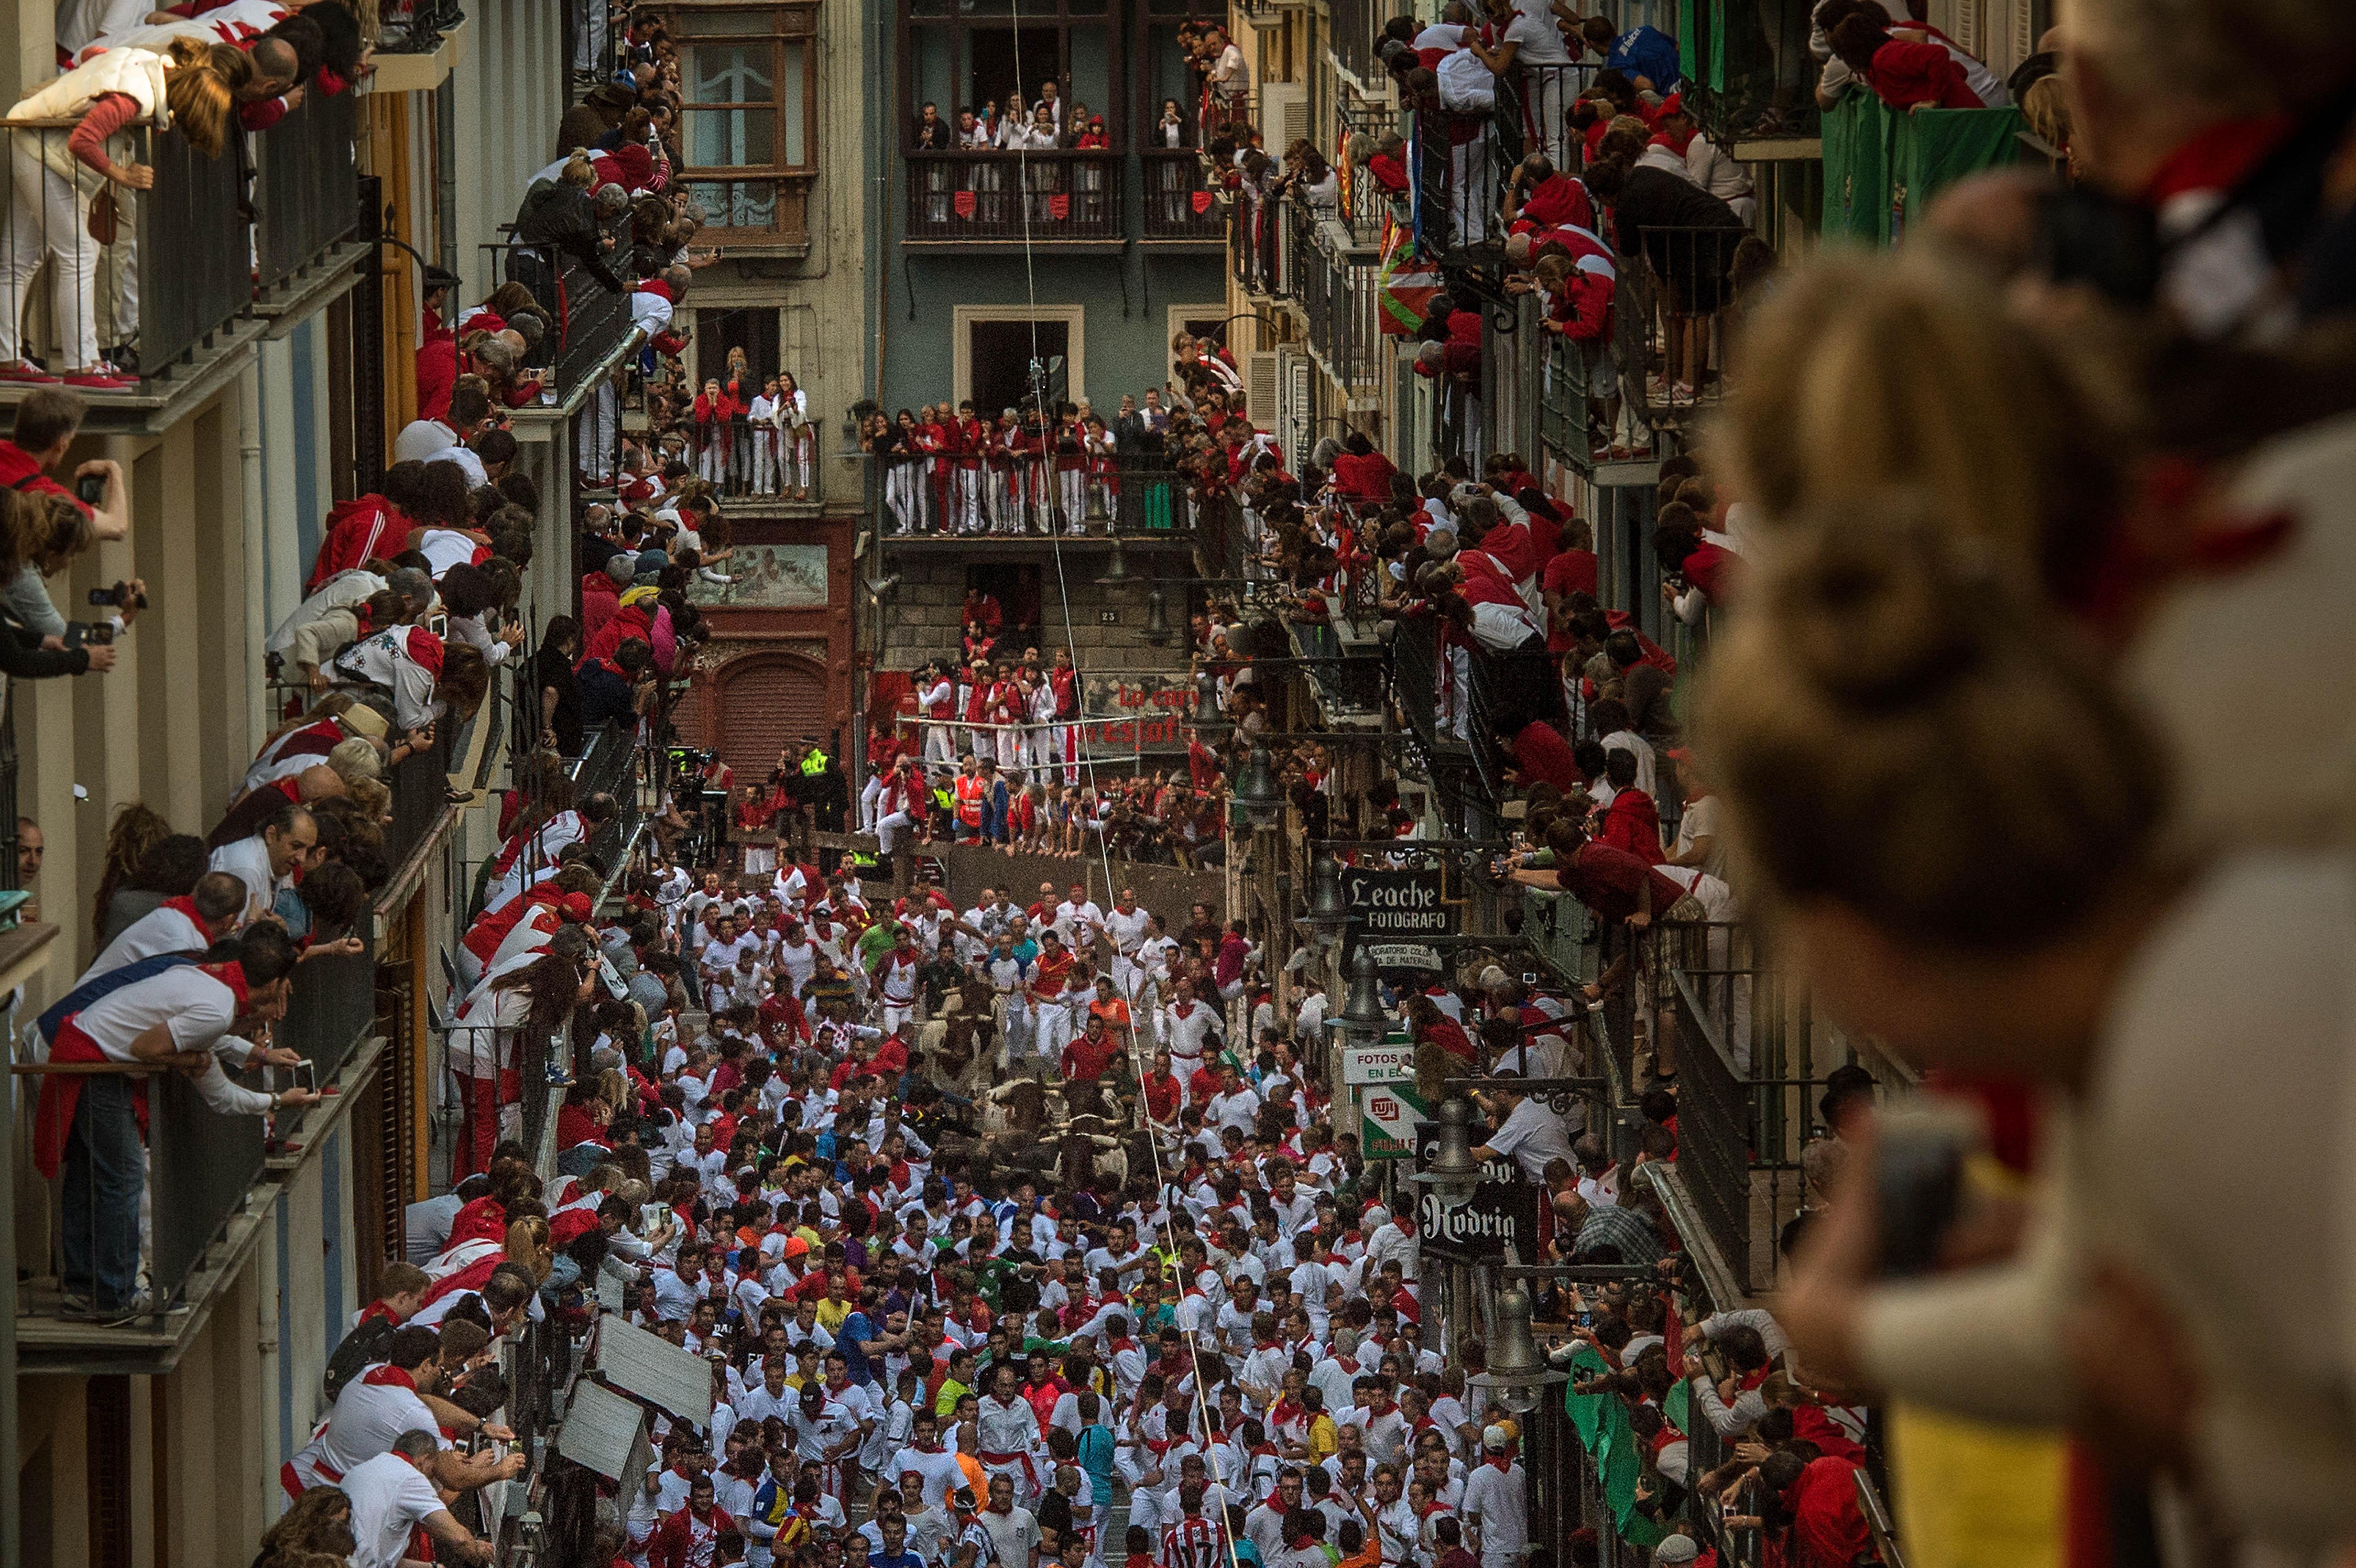 BILLEDER Modige mænd løber fra hidsige tyre i Pamplona | Nyheder | DR